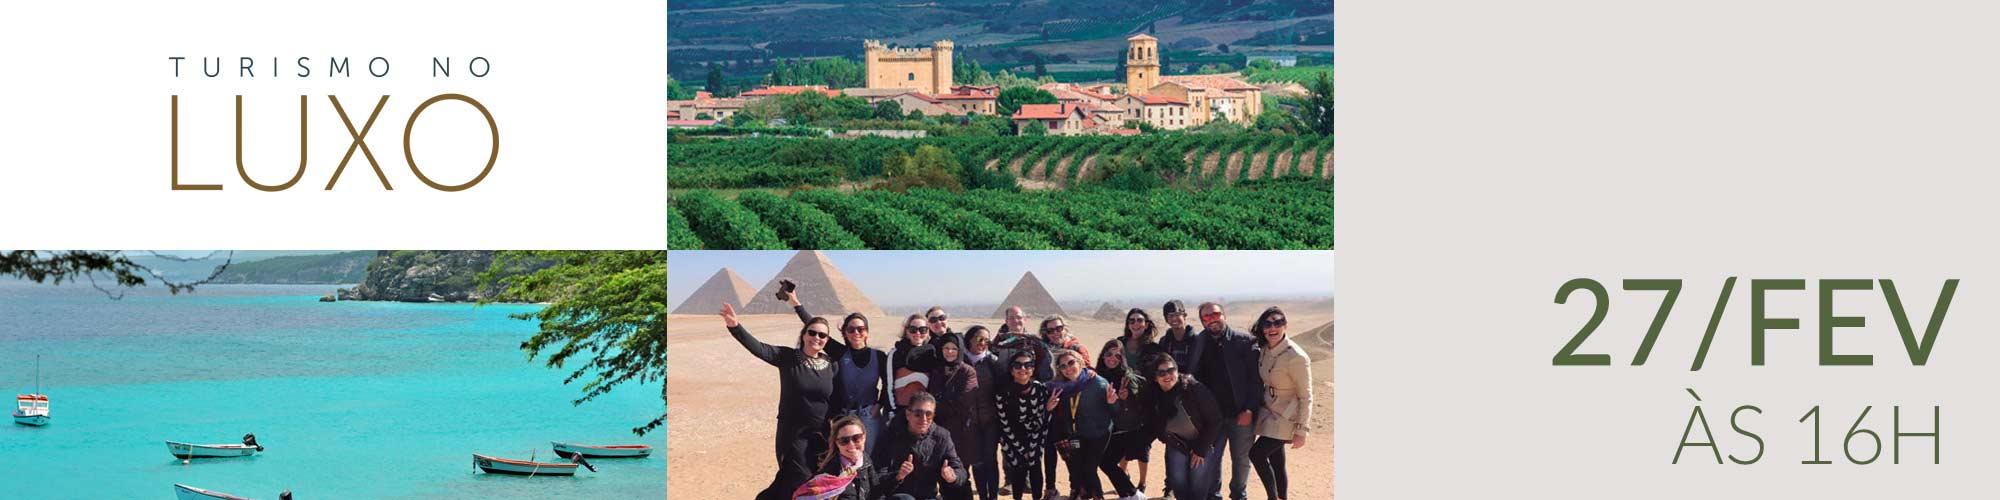 Fórum Turismo no Luxo destaca novas experiências e destinos inovadores no setor